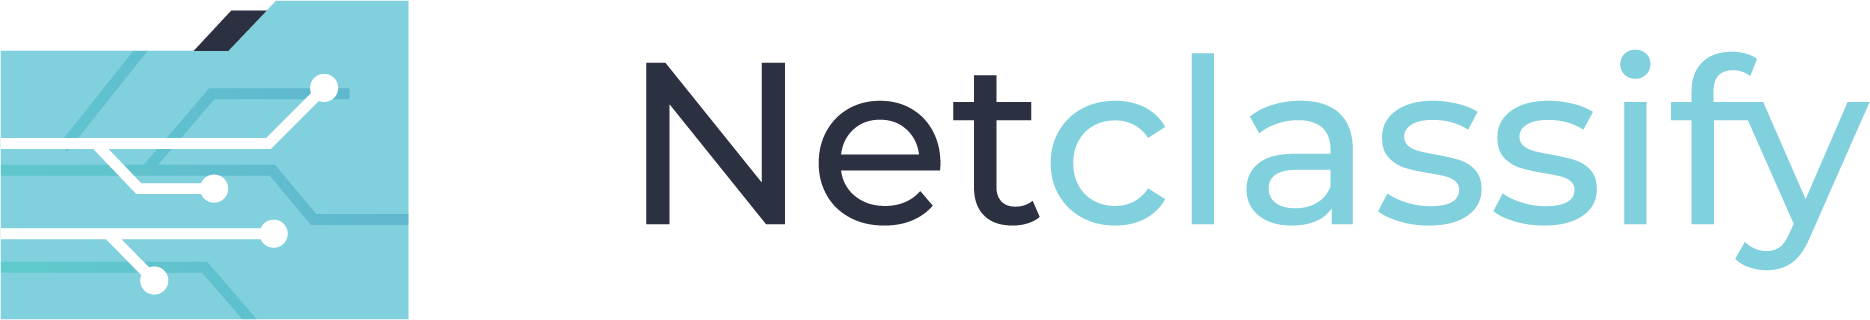 Netclassify logo